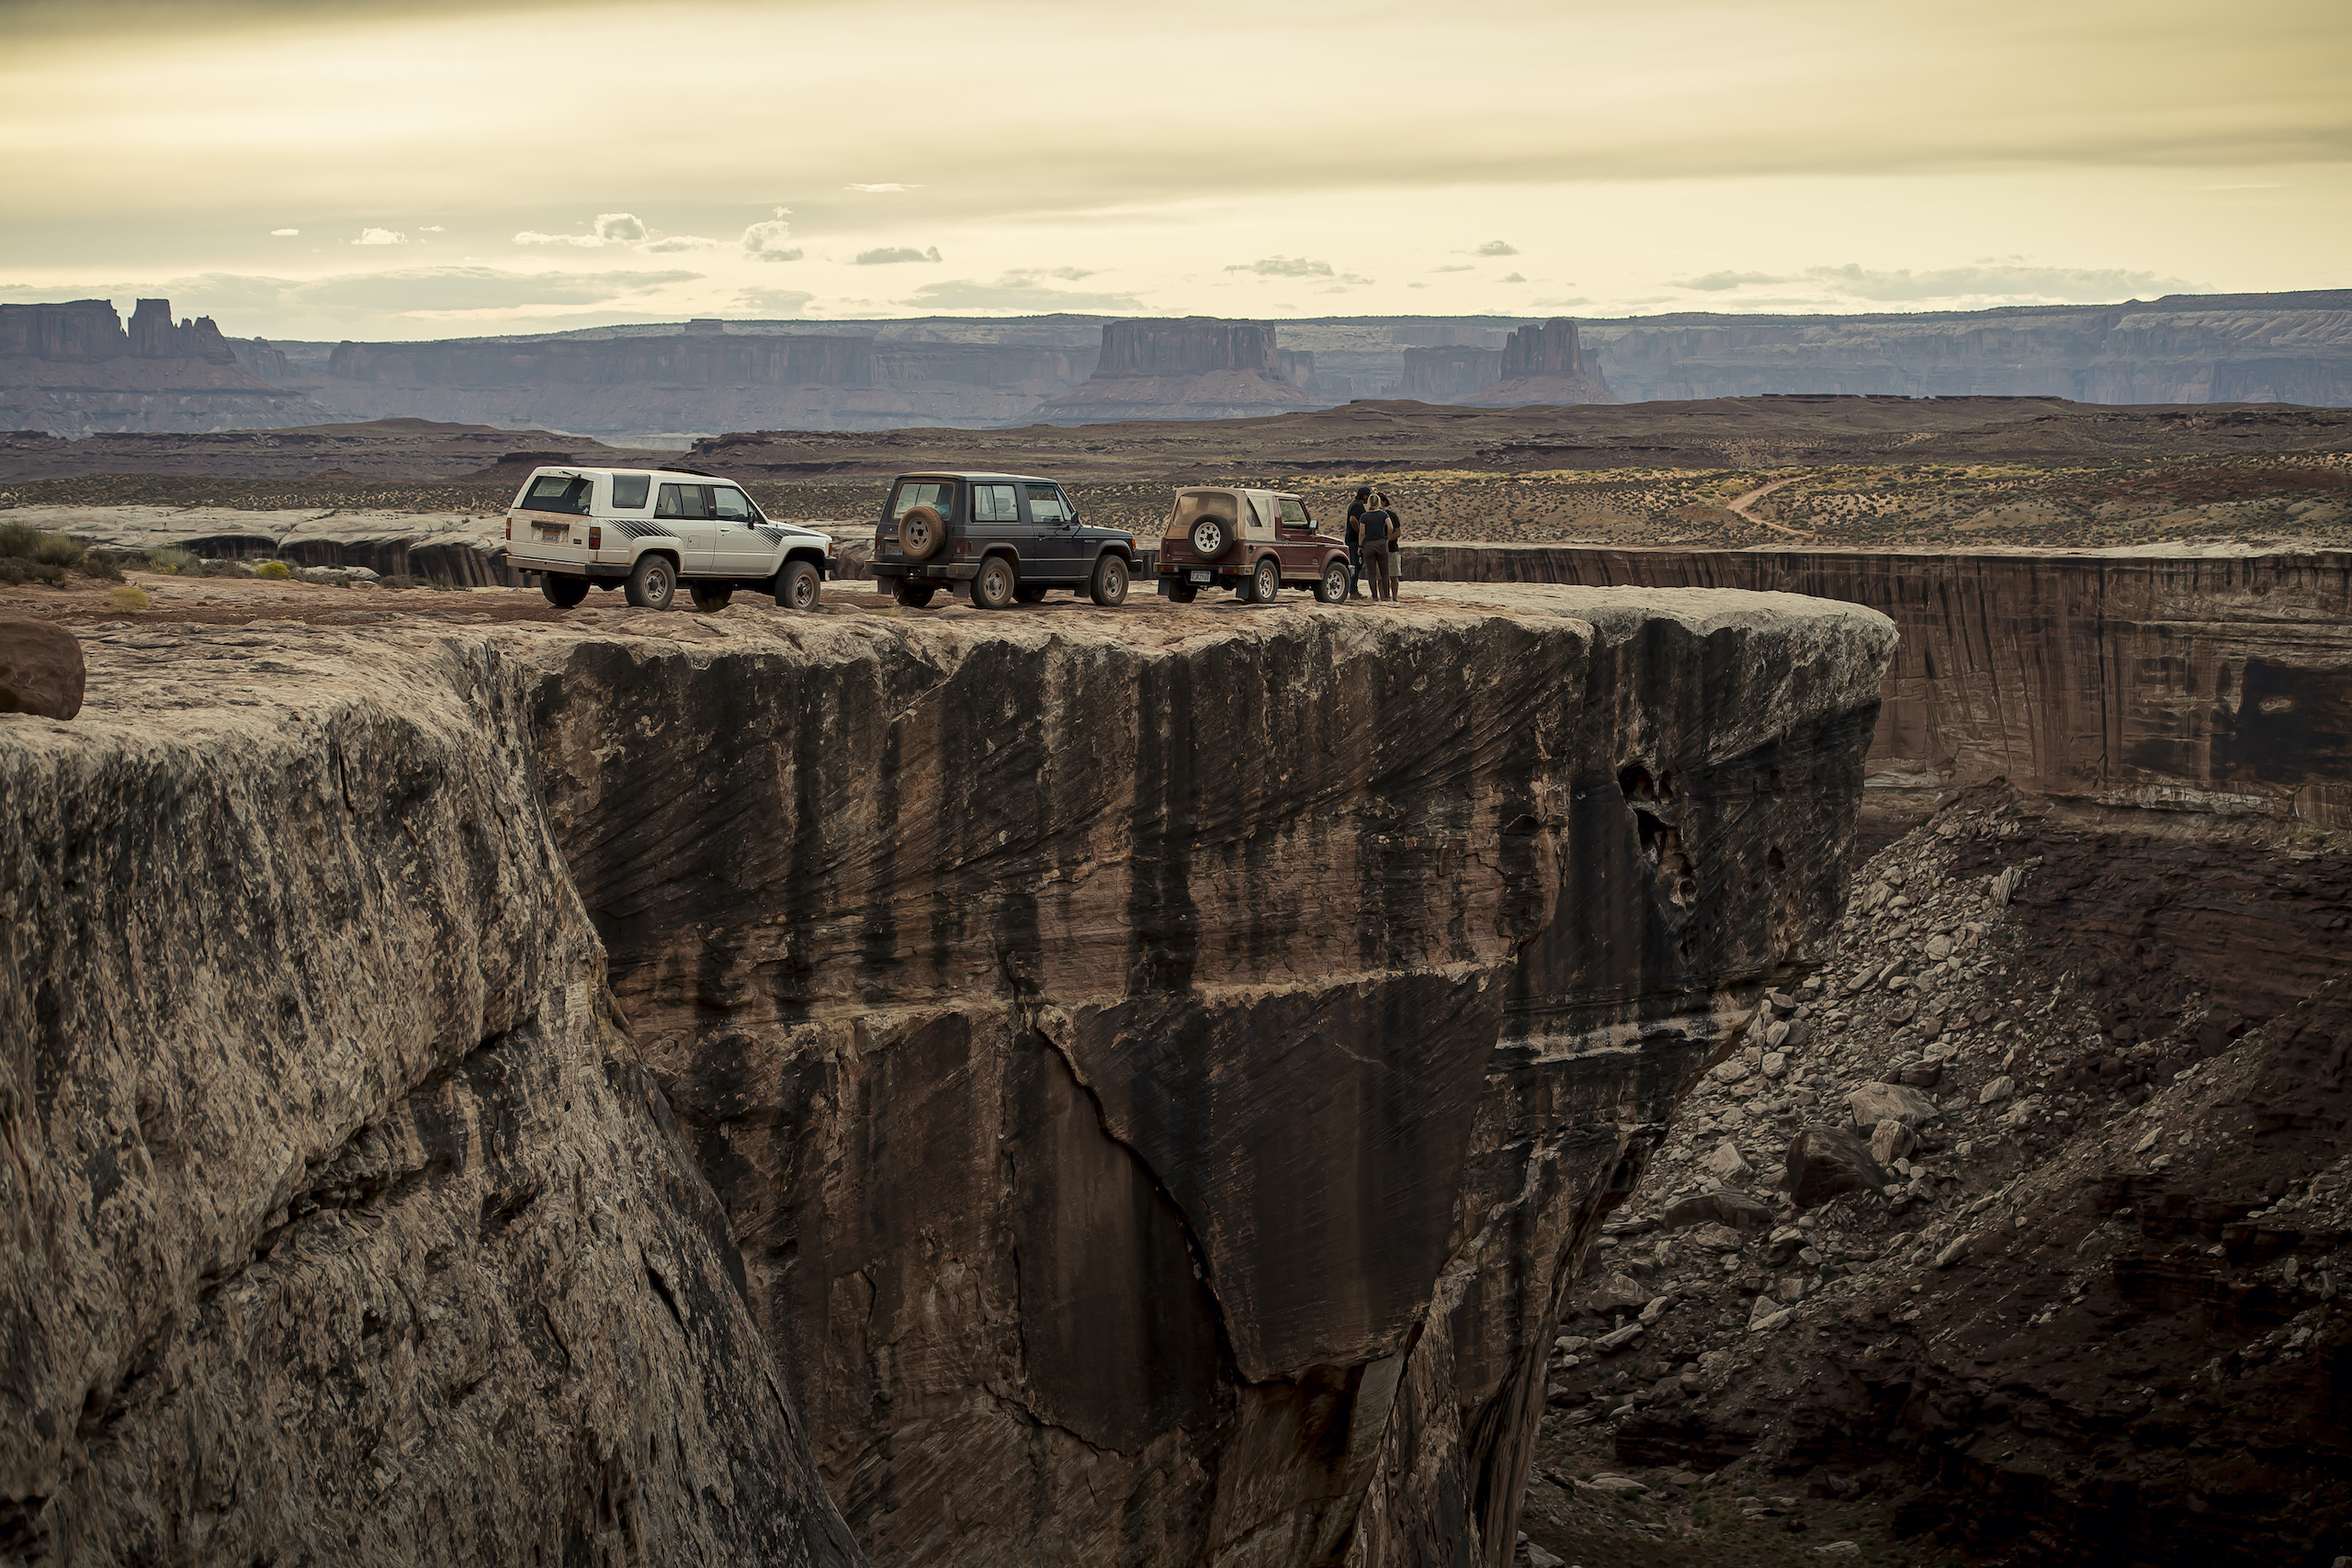 Mitsubishi Montero Suzuki Samurai Toyota 4Runner Canyonlands Moab Utah overlook